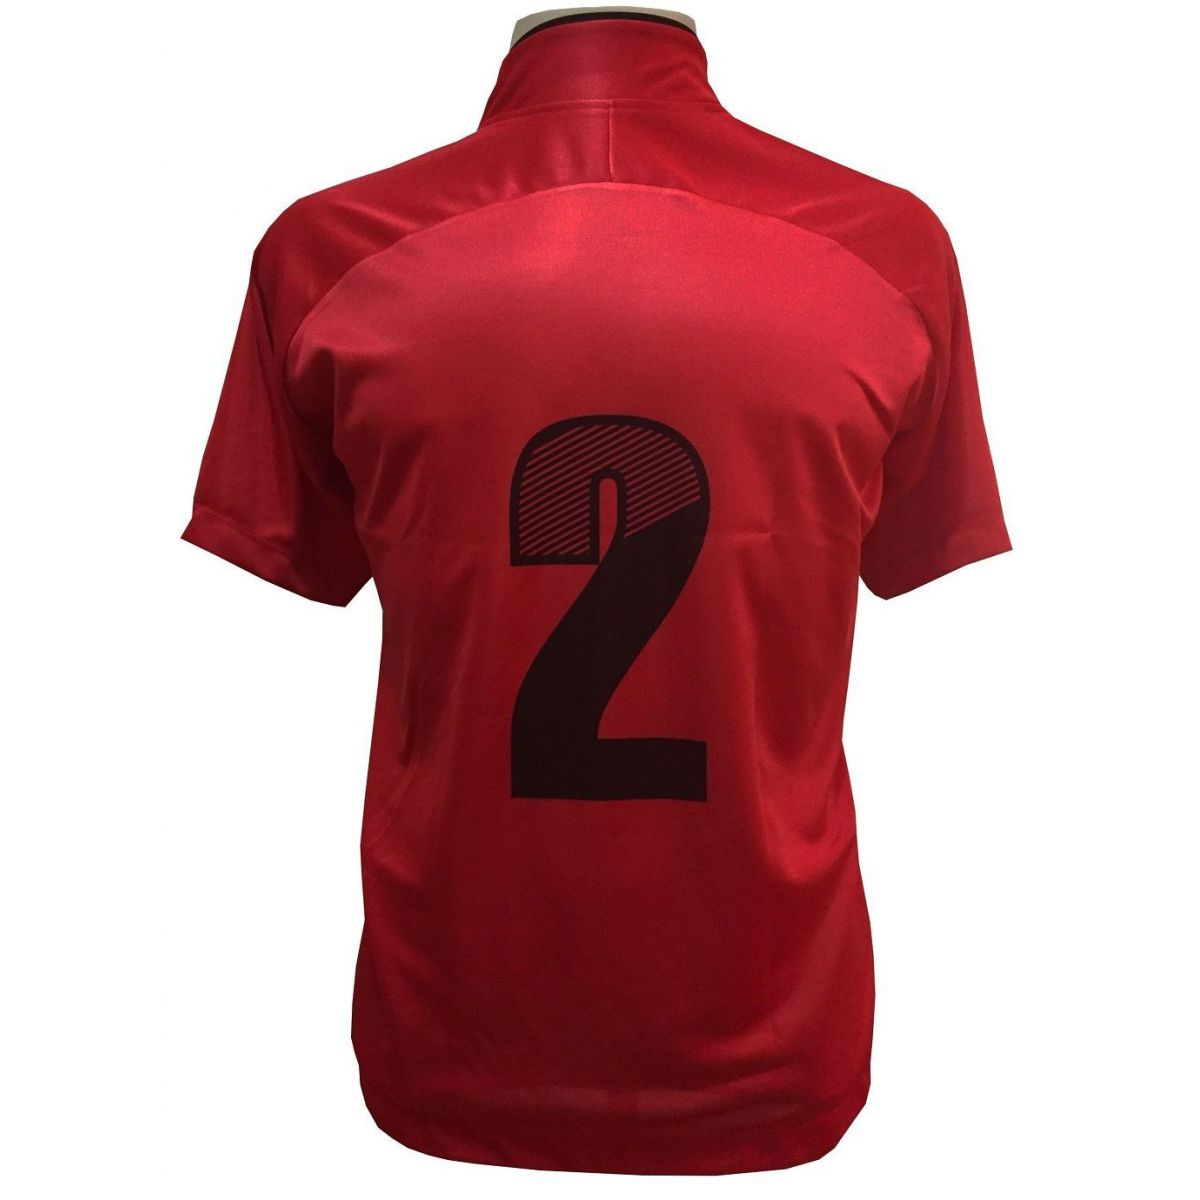 Uniforme Esportivo com 12 camisas modelo City Vermelho/Preto + 12 calções modelo Madrid + 1 Goleiro + Brindes